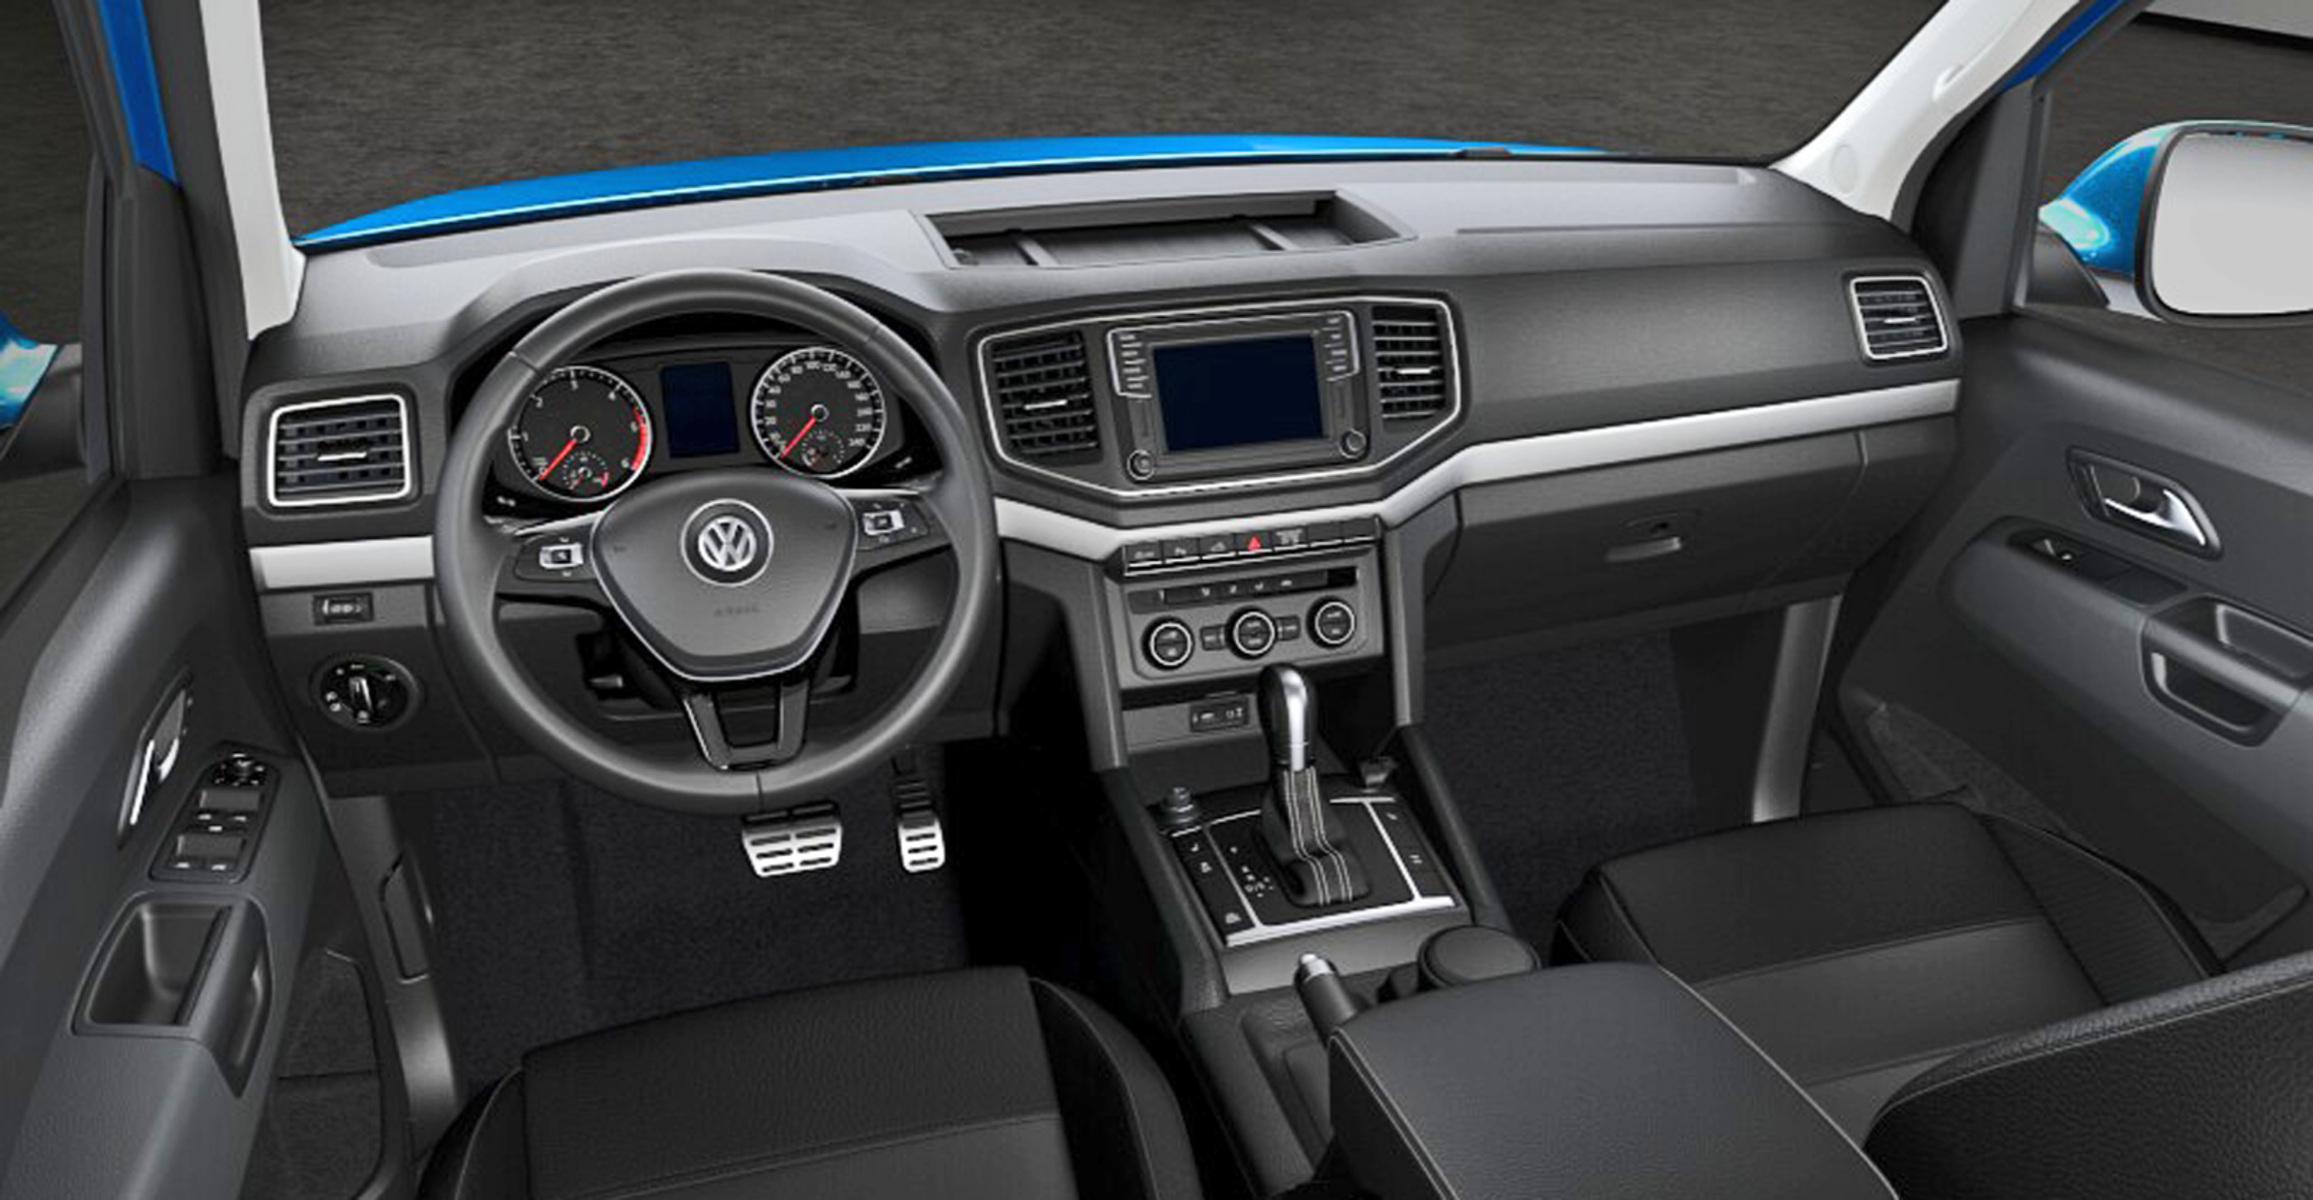 Listino Volkswagen Amarok Prezzo Scheda Tecnica